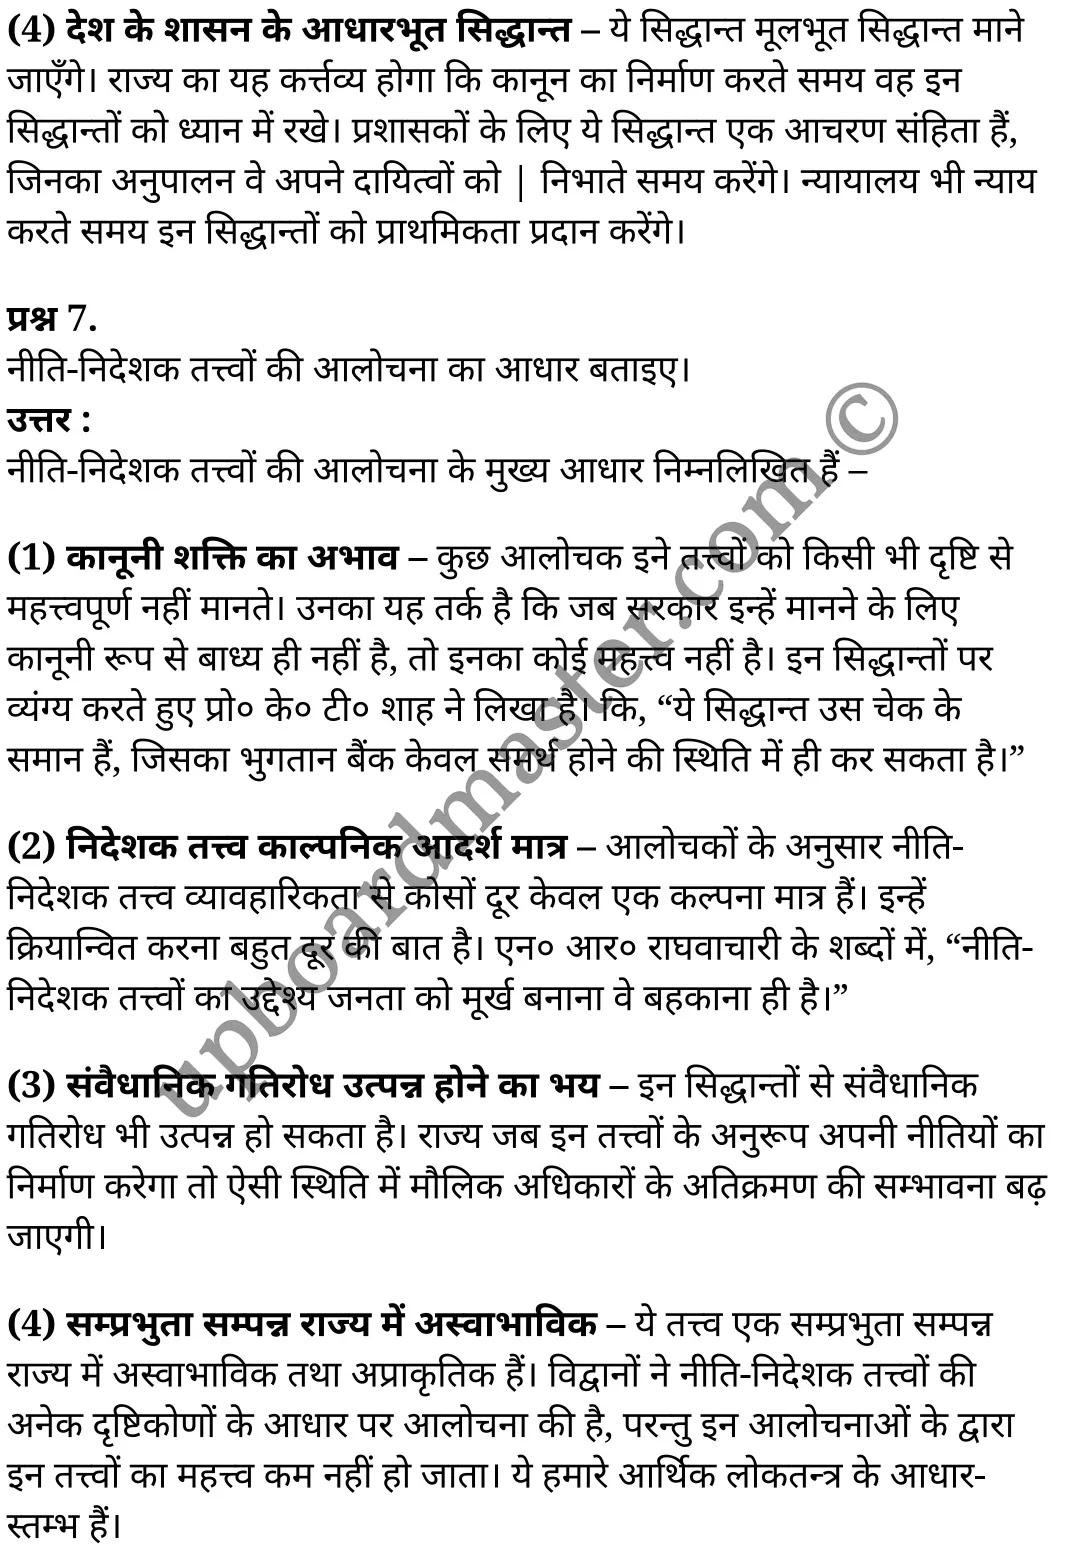 कक्षा 11 नागरिकशास्त्र  राजनीति विज्ञान अध्याय 2  के नोट्स  हिंदी में एनसीईआरटी समाधान,   class 11 civics chapter 2,  class 11 civics chapter 2 ncert solutions in civics,  class 11 civics chapter 2 notes in hindi,  class 11 civics chapter 2 question answer,  class 11 civics chapter 2 notes,  class 11 civics chapter 2 class 11 civics  chapter 2 in  hindi,   class 11 civics chapter 2 important questions in  hindi,  class 11 civics hindi  chapter 2 notes in hindi,   class 11 civics  chapter 2 test,  class 11 civics  chapter 2 class 11 civics  chapter 2 pdf,  class 11 civics  chapter 2 notes pdf,  class 11 civics  chapter 2 exercise solutions,  class 11 civics  chapter 2, class 11 civics  chapter 2 notes study rankers,  class 11 civics  chapter 2 notes,  class 11 civics hindi  chapter 2 notes,   class 11 civics   chapter 2  class 11  notes pdf,  class 11 civics  chapter 2 class 11  notes  ncert,  class 11 civics  chapter 2 class 11 pdf,  class 11 civics  chapter 2  book,  class 11 civics  chapter 2 quiz class 11  ,     11  th class 11 civics chapter 2    book up board,   up board 11  th class 11 civics chapter 2 notes,  class 11 civics  Political Science chapter 2,  class 11 civics  Political Science chapter 2 ncert solutions in civics,  class 11 civics  Political Science chapter 2 notes in hindi,  class 11 civics  Political Science chapter 2 question answer,  class 11 civics  Political Science  chapter 2 notes,  class 11 civics  Political Science  chapter 2 class 11 civics  chapter 2 in  hindi,   class 11 civics  Political Science chapter 2 important questions in  hindi,  class 11 civics  Political Science  chapter 2 notes in hindi,   class 11 civics  Political Science  chapter 2 test,  class 11 civics  Political Science  chapter 2 class 11 civics  chapter 2 pdf,  class 11 civics  Political Science chapter 2 notes pdf,  class 11 civics  Political Science  chapter 2 exercise solutions,  class 11 civics  Political Science  chapter 2, class 11 civics  Political Science  c